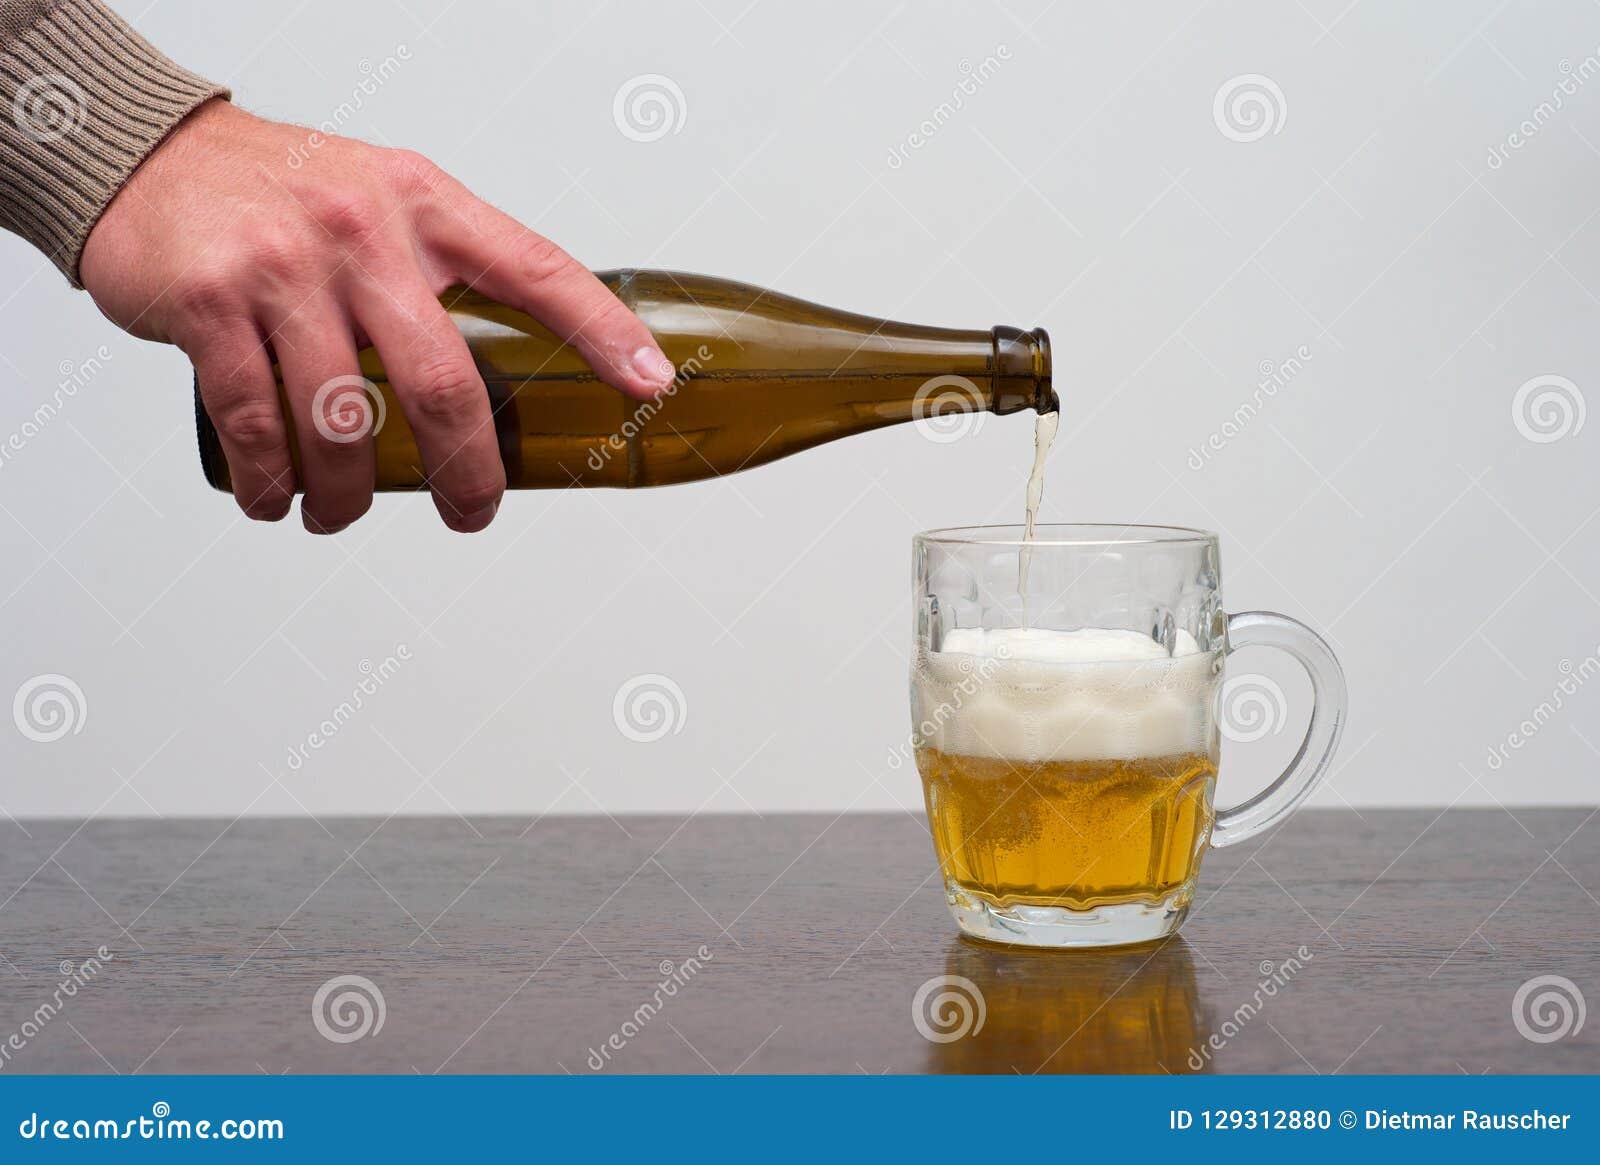 Remplir pinte de bière